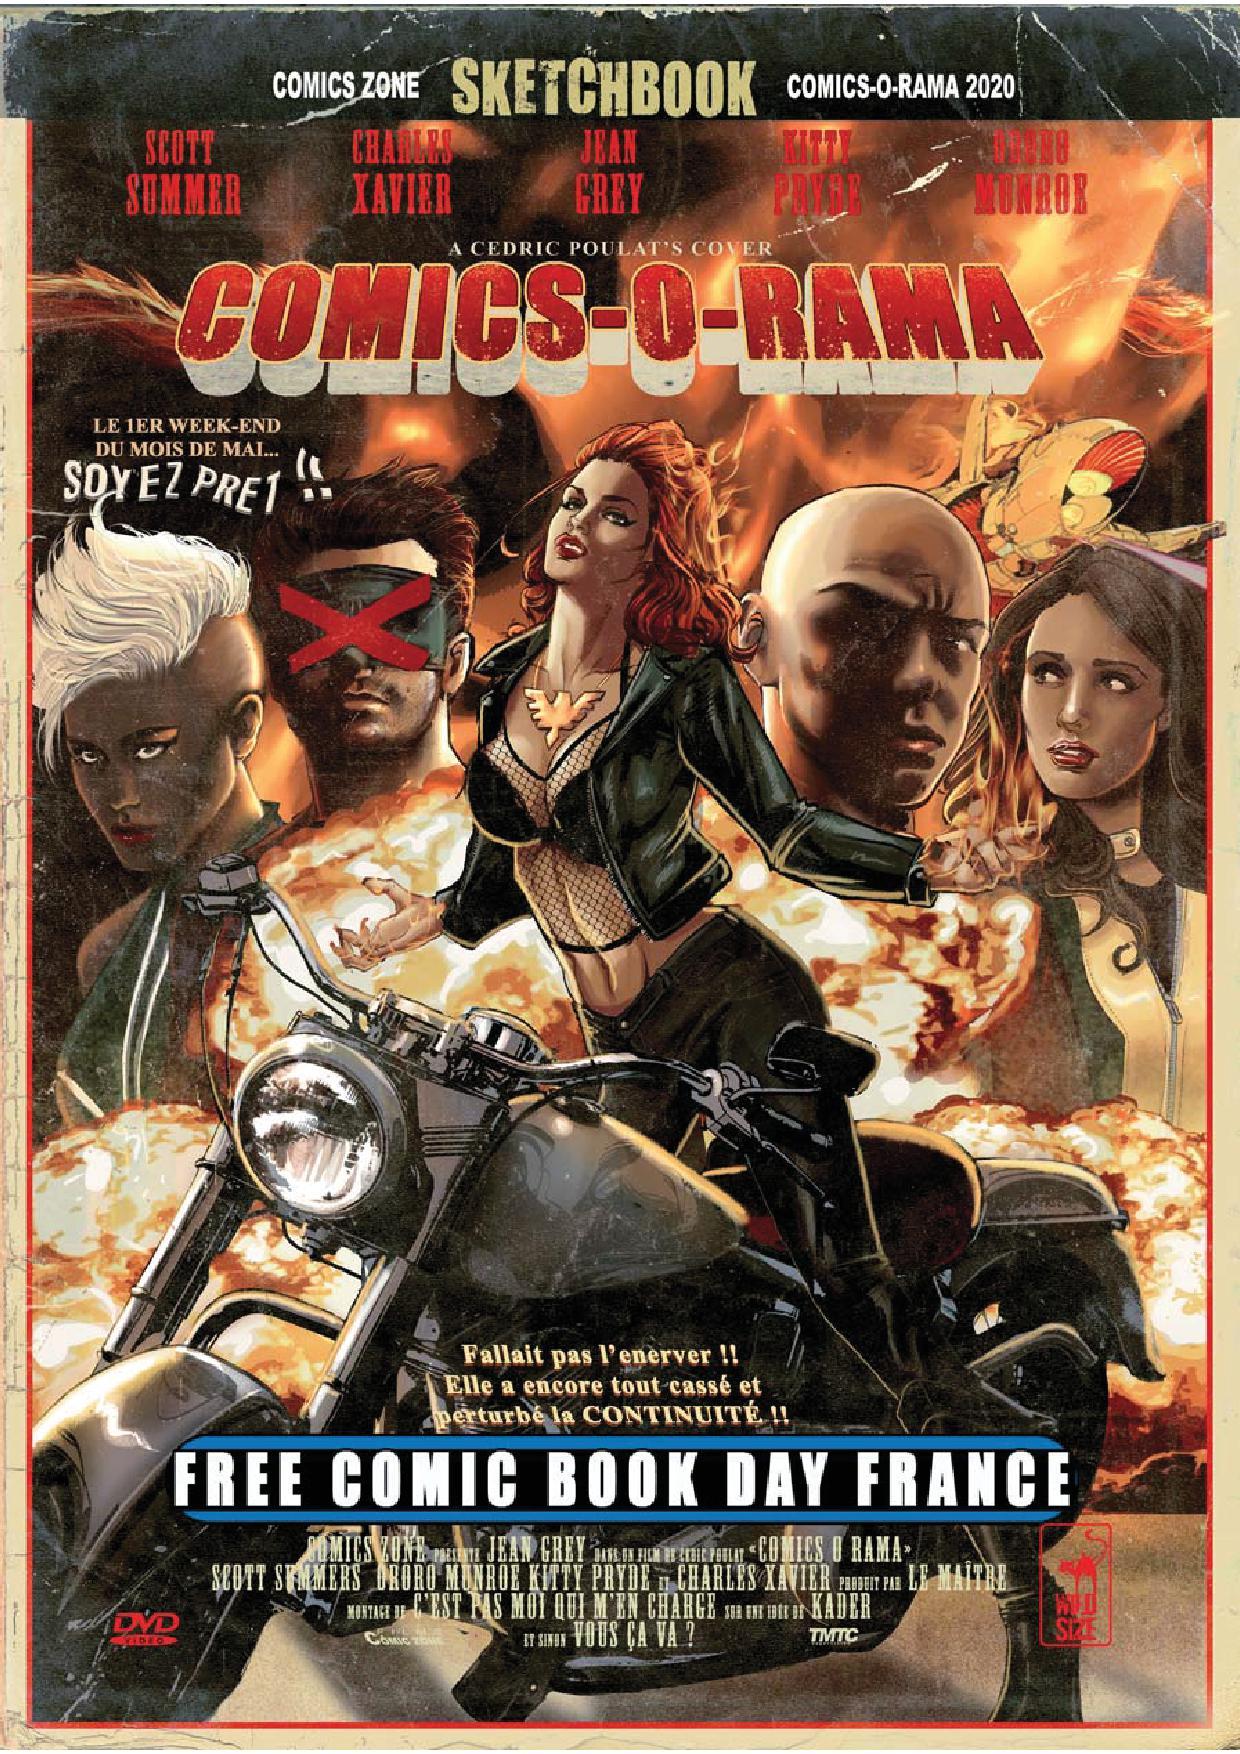 Free Comic Book Day France 2020 - Comics-O-Rama 1